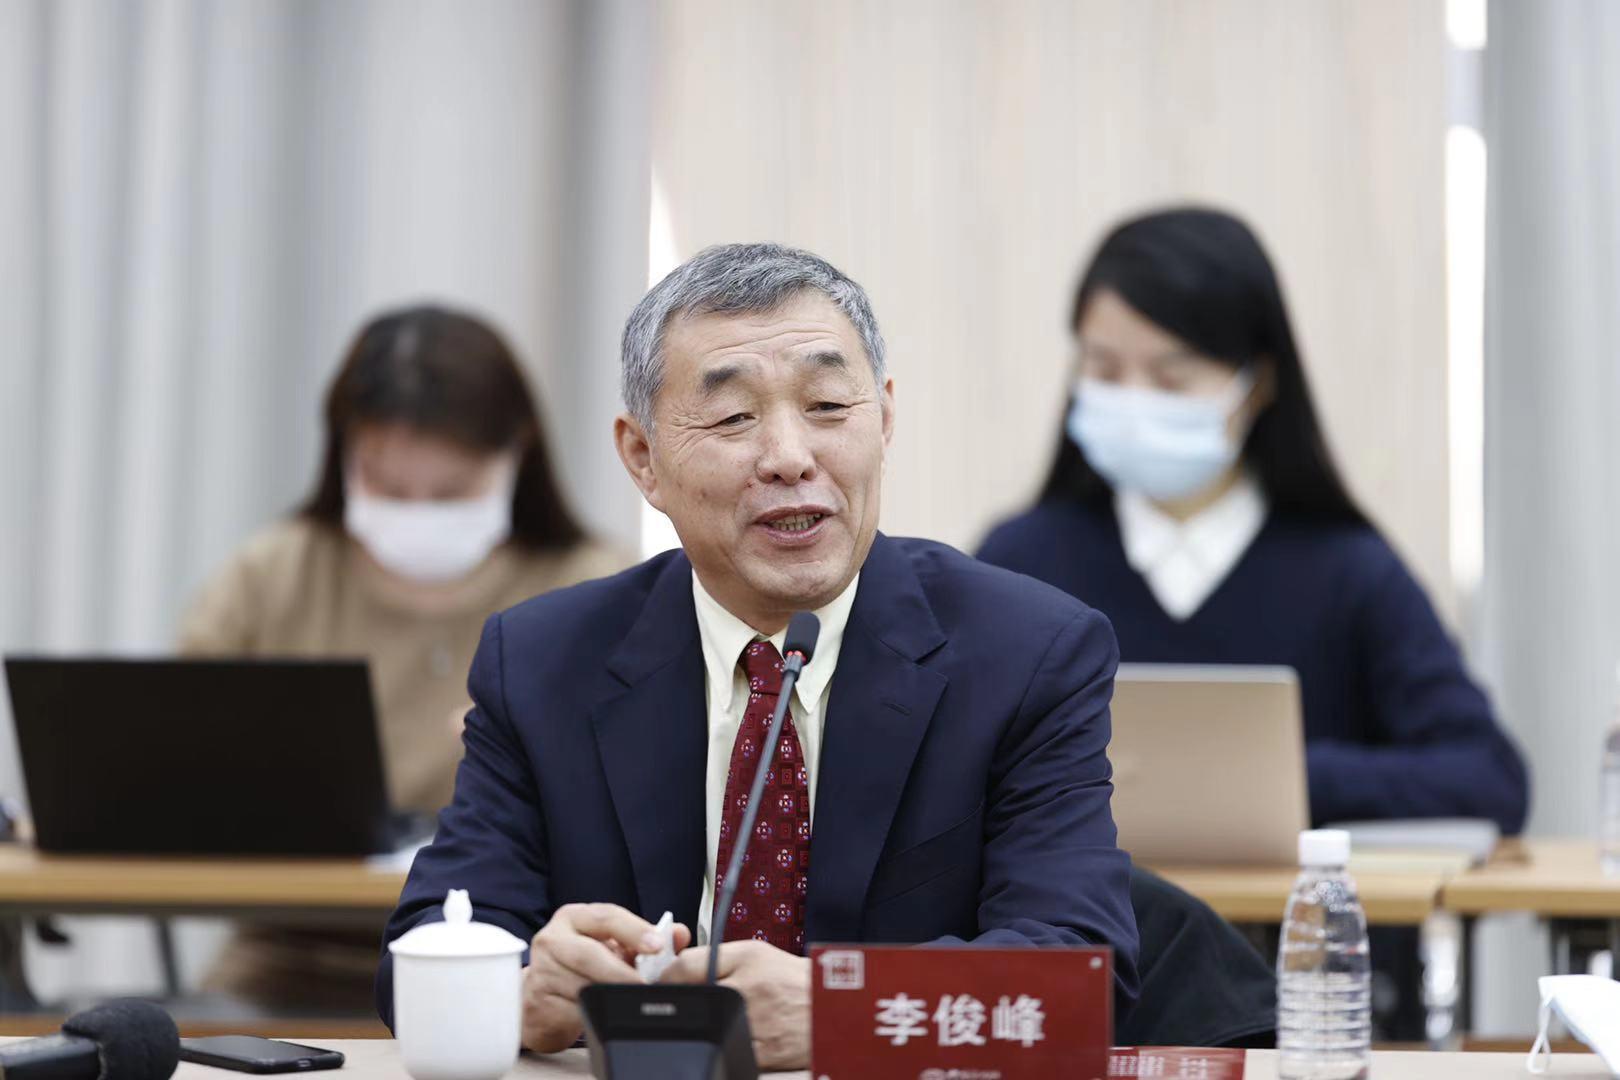 中新社举行国是论坛解读中央经济工作会议